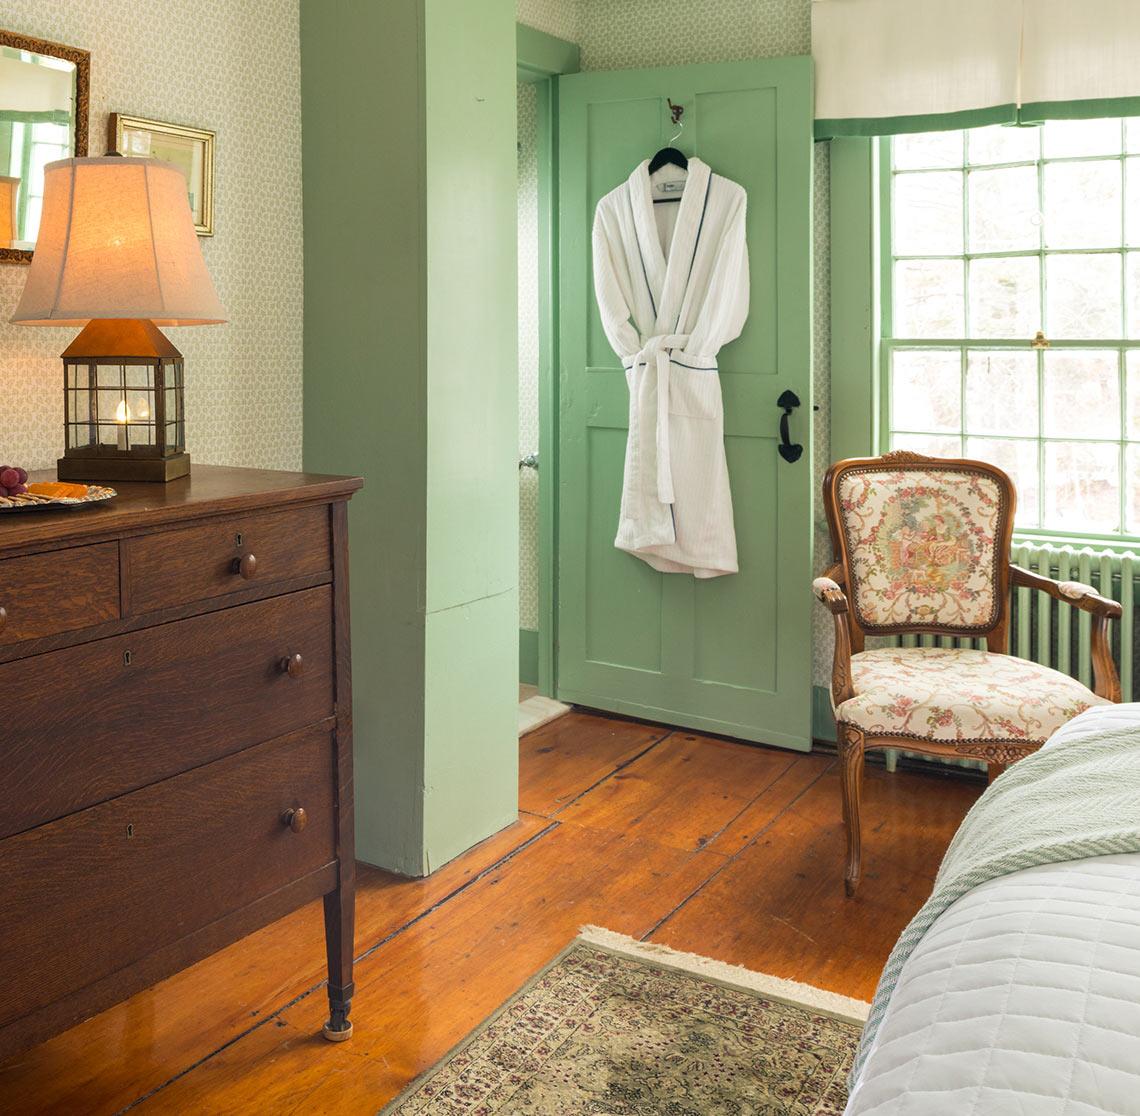 Bath Robe in Lyman Room